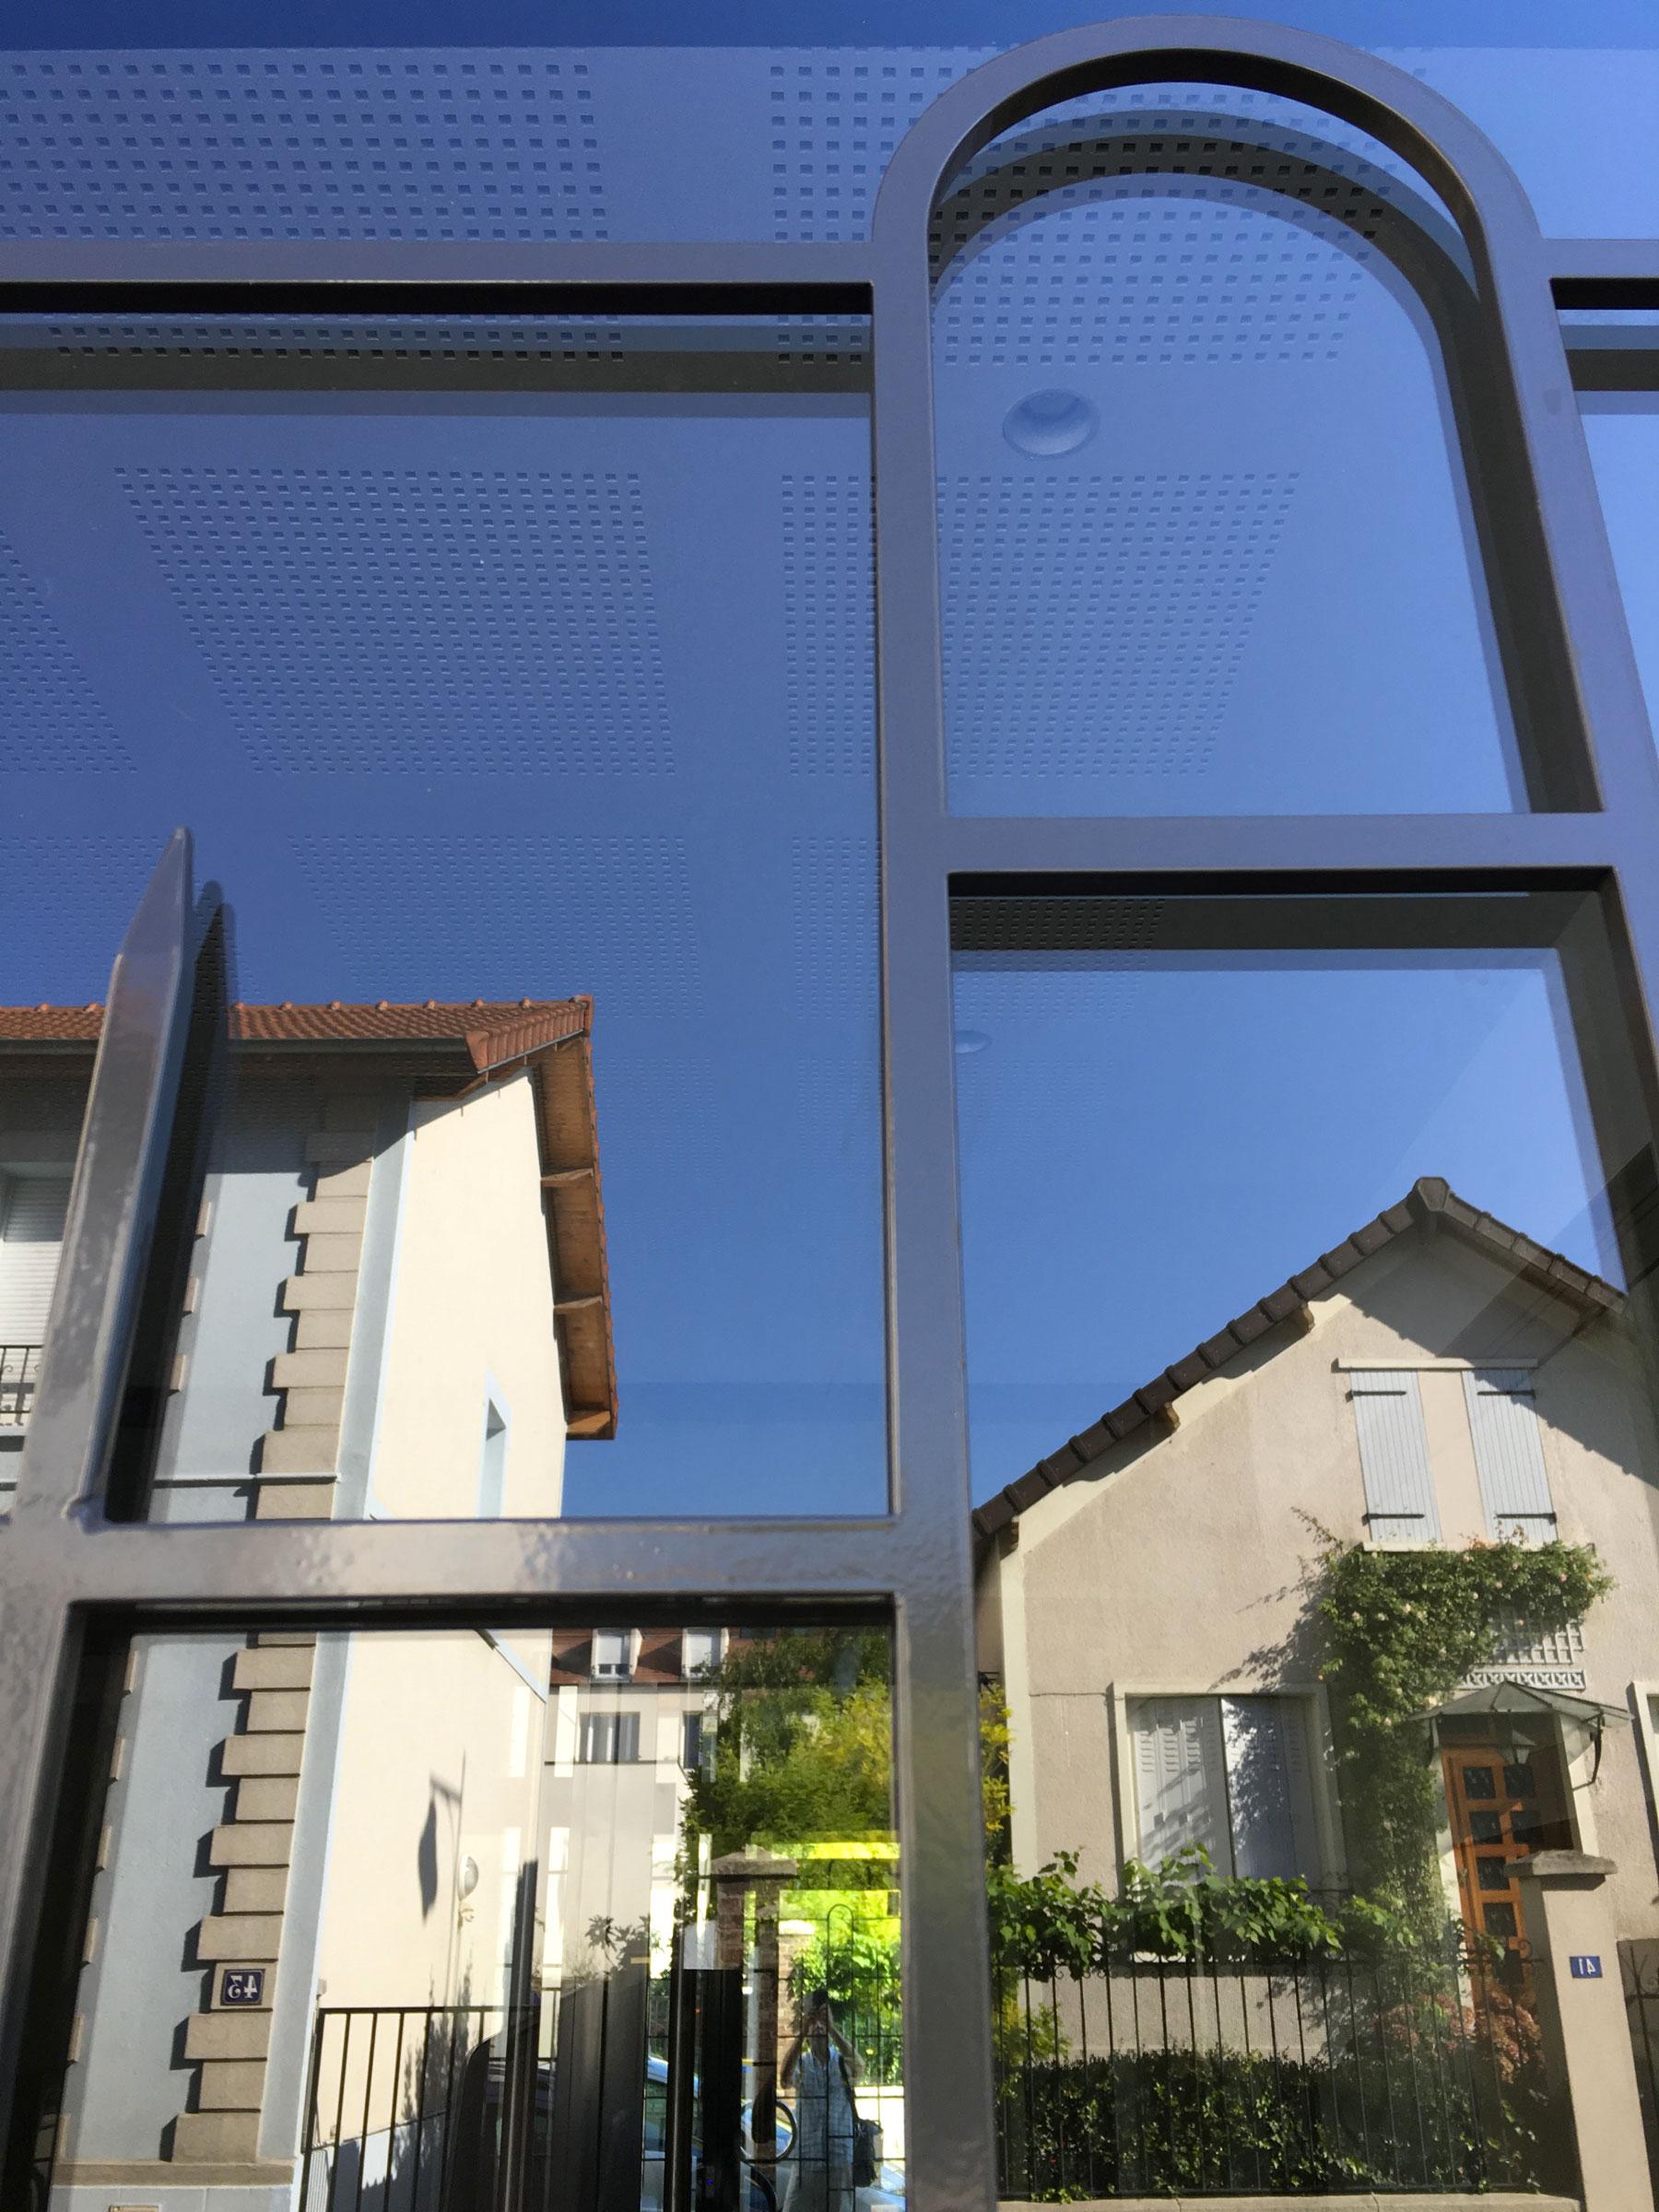 53-porte-acier-immeuble-cadre-moulure-le-lissac-maison-alfort-2-Bak-Systemes